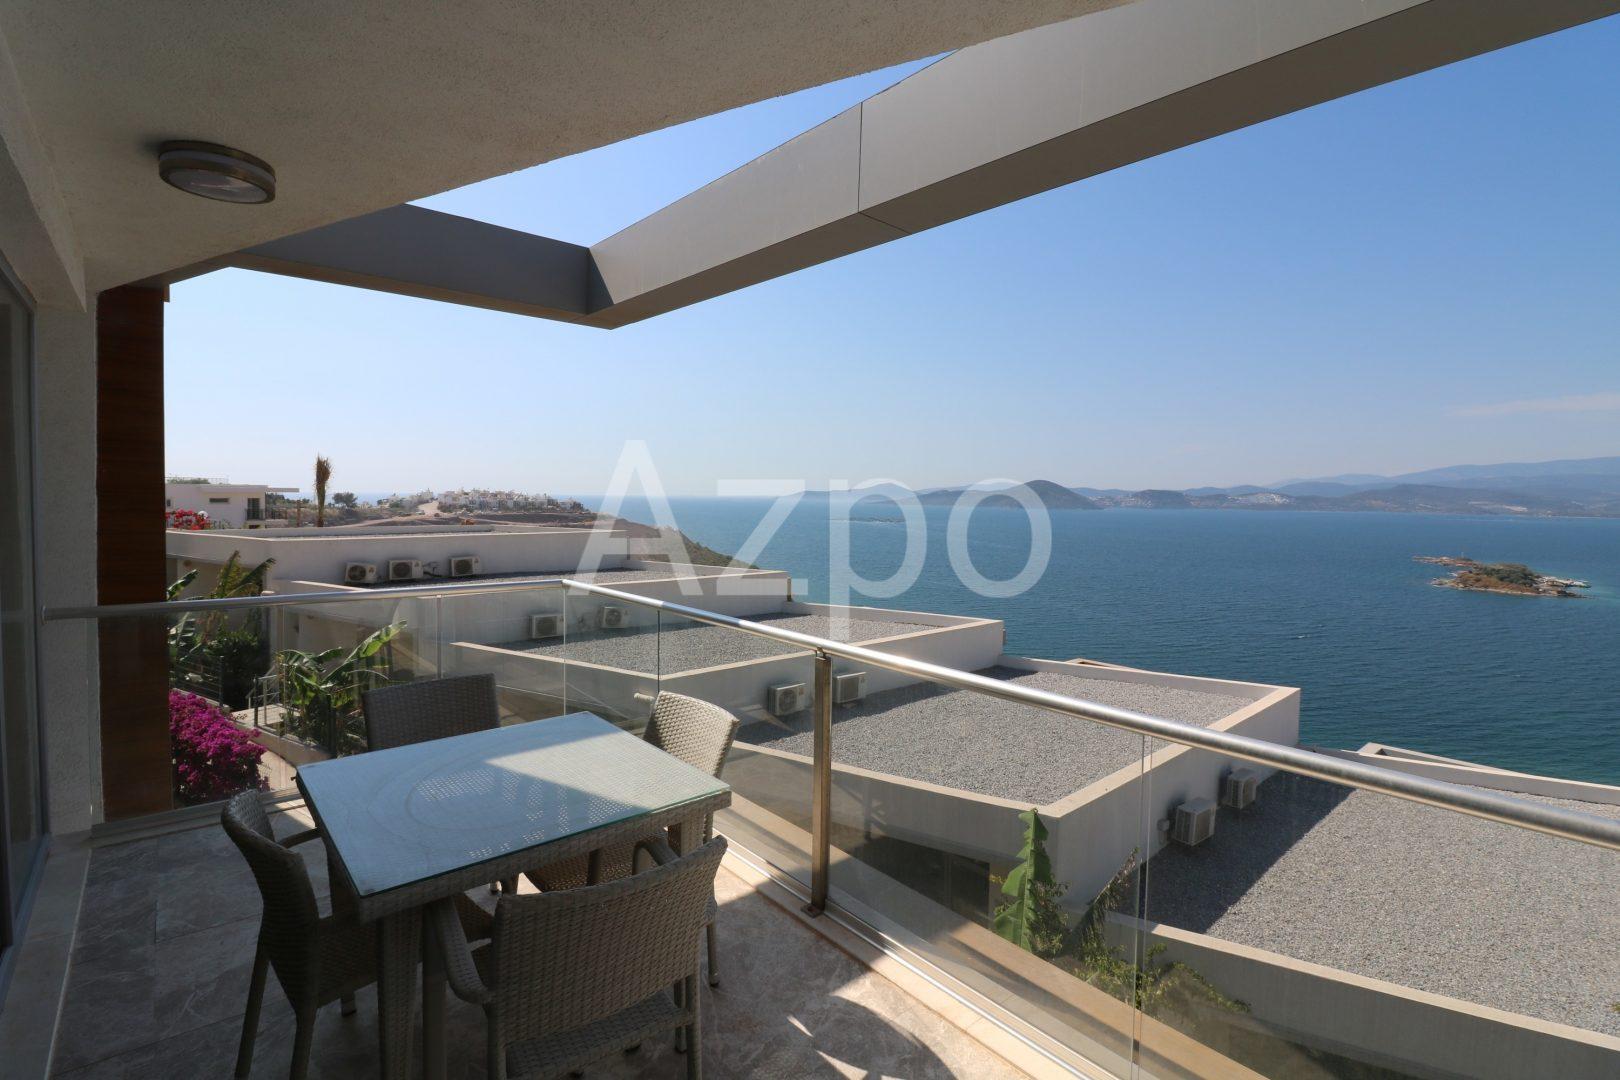 Квартира дуплекс в Бодруме с видом на море - Фото 15